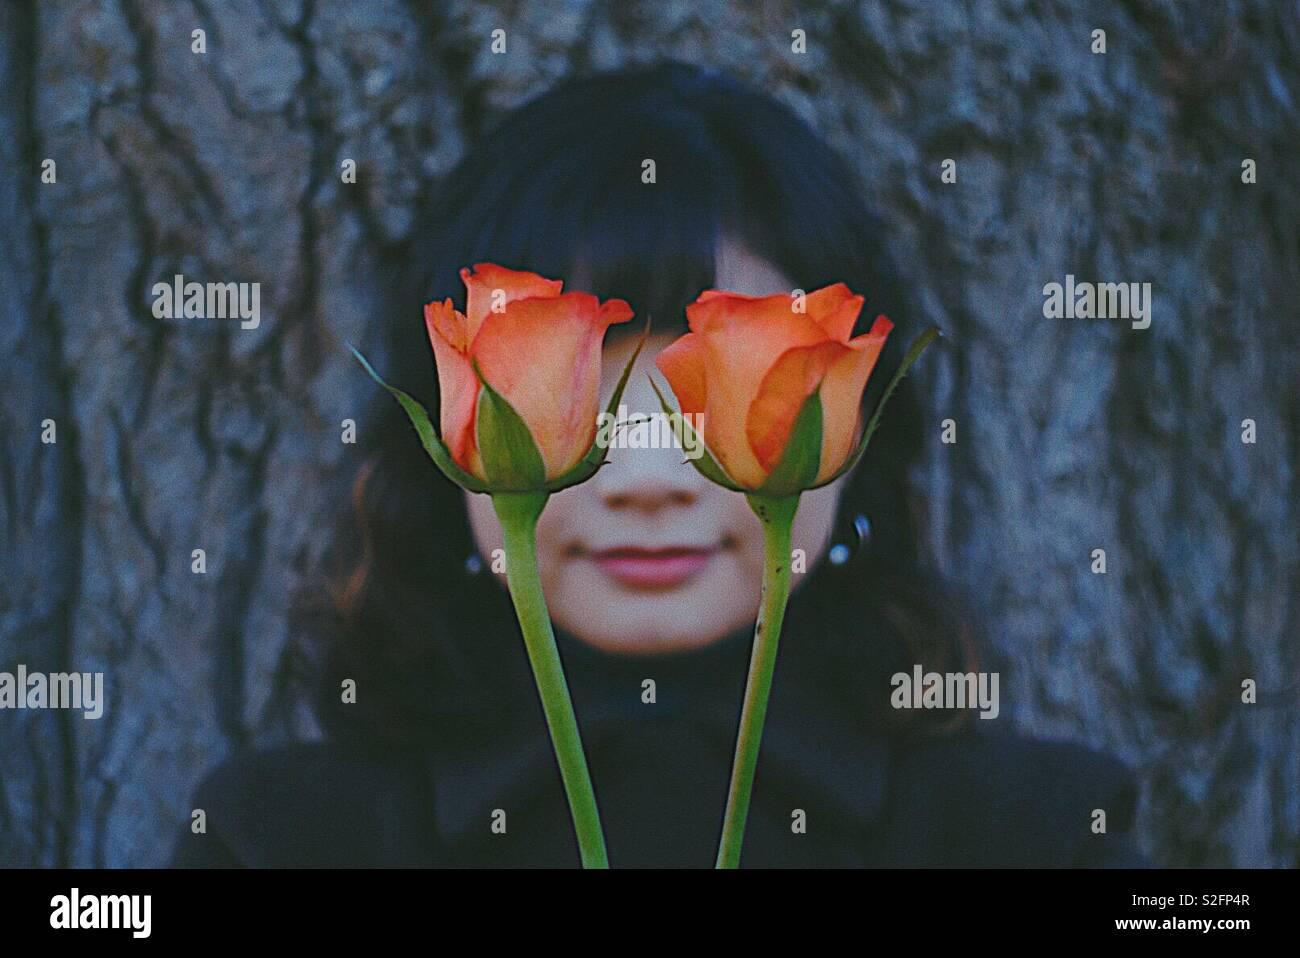 Una niña con rosas. Imagen De Stock